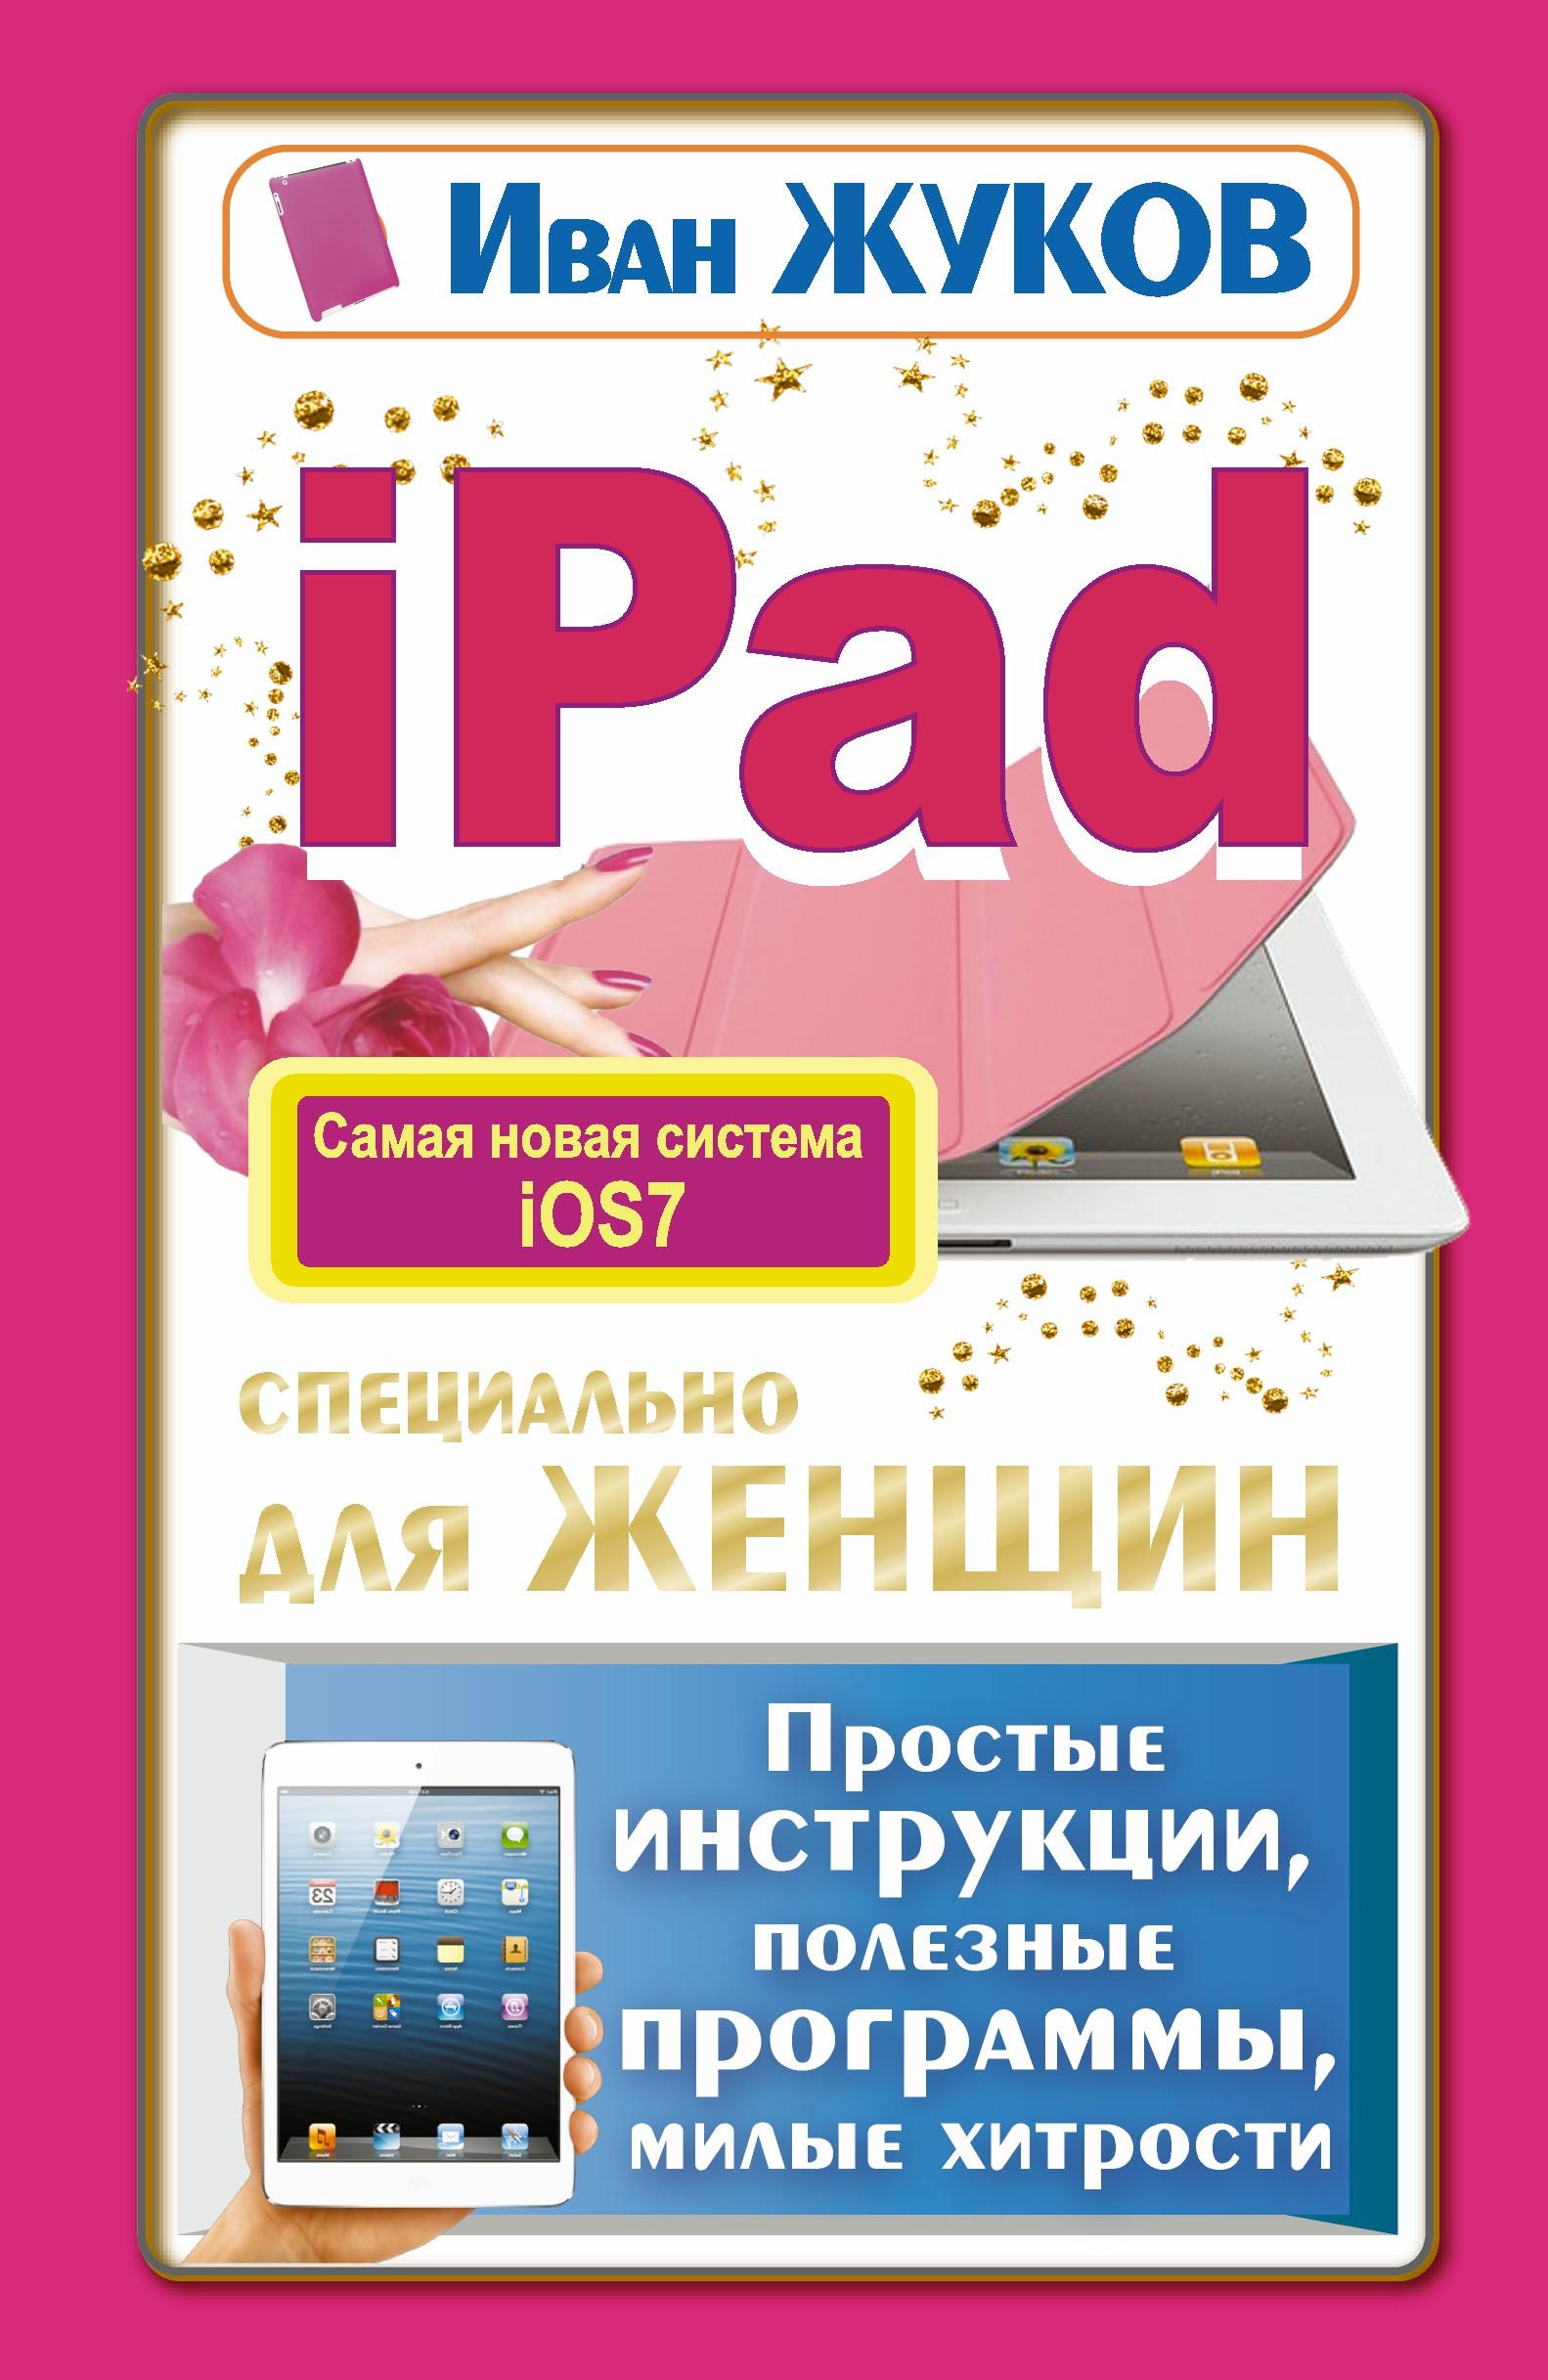 Жуков Иван iPad специально для женщин. Простые инструкции, полезные программы, милые хитрости жуков иван планшет с нуля все типы планшетов в одной книге айпэд и андроид